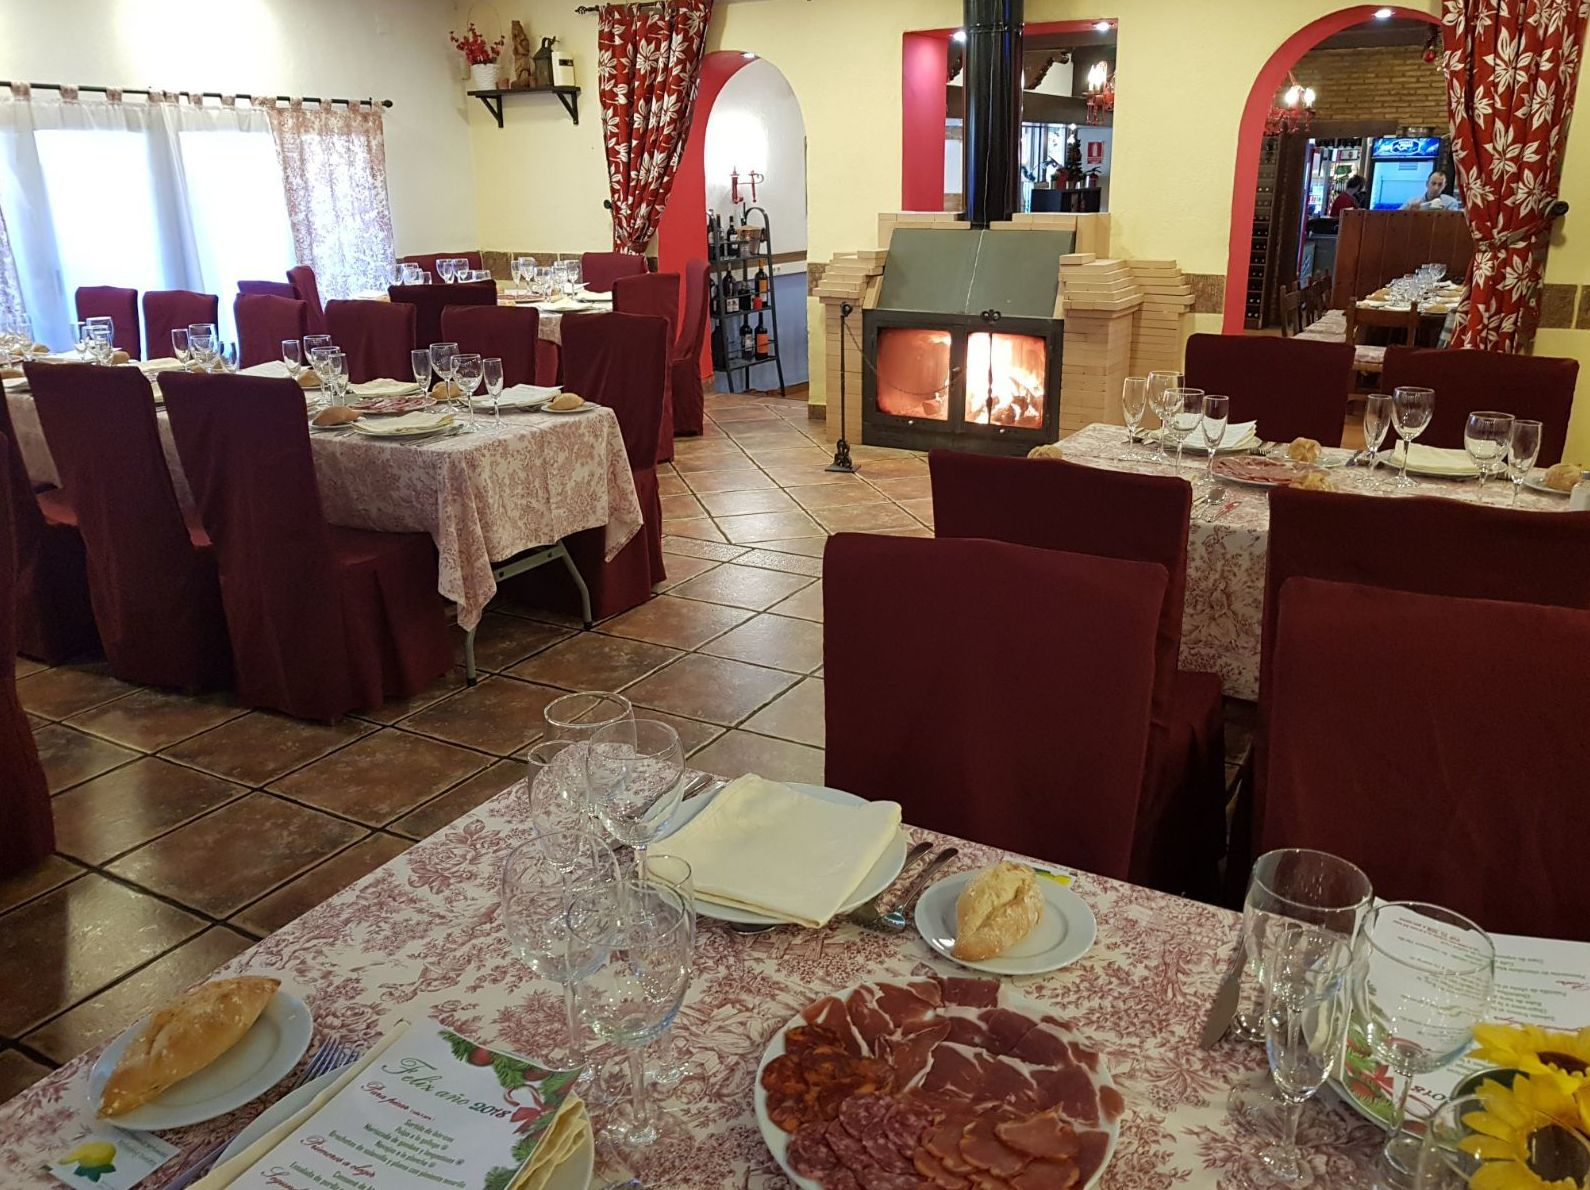 Restaurante - Hotel de Carretera El Oasis**